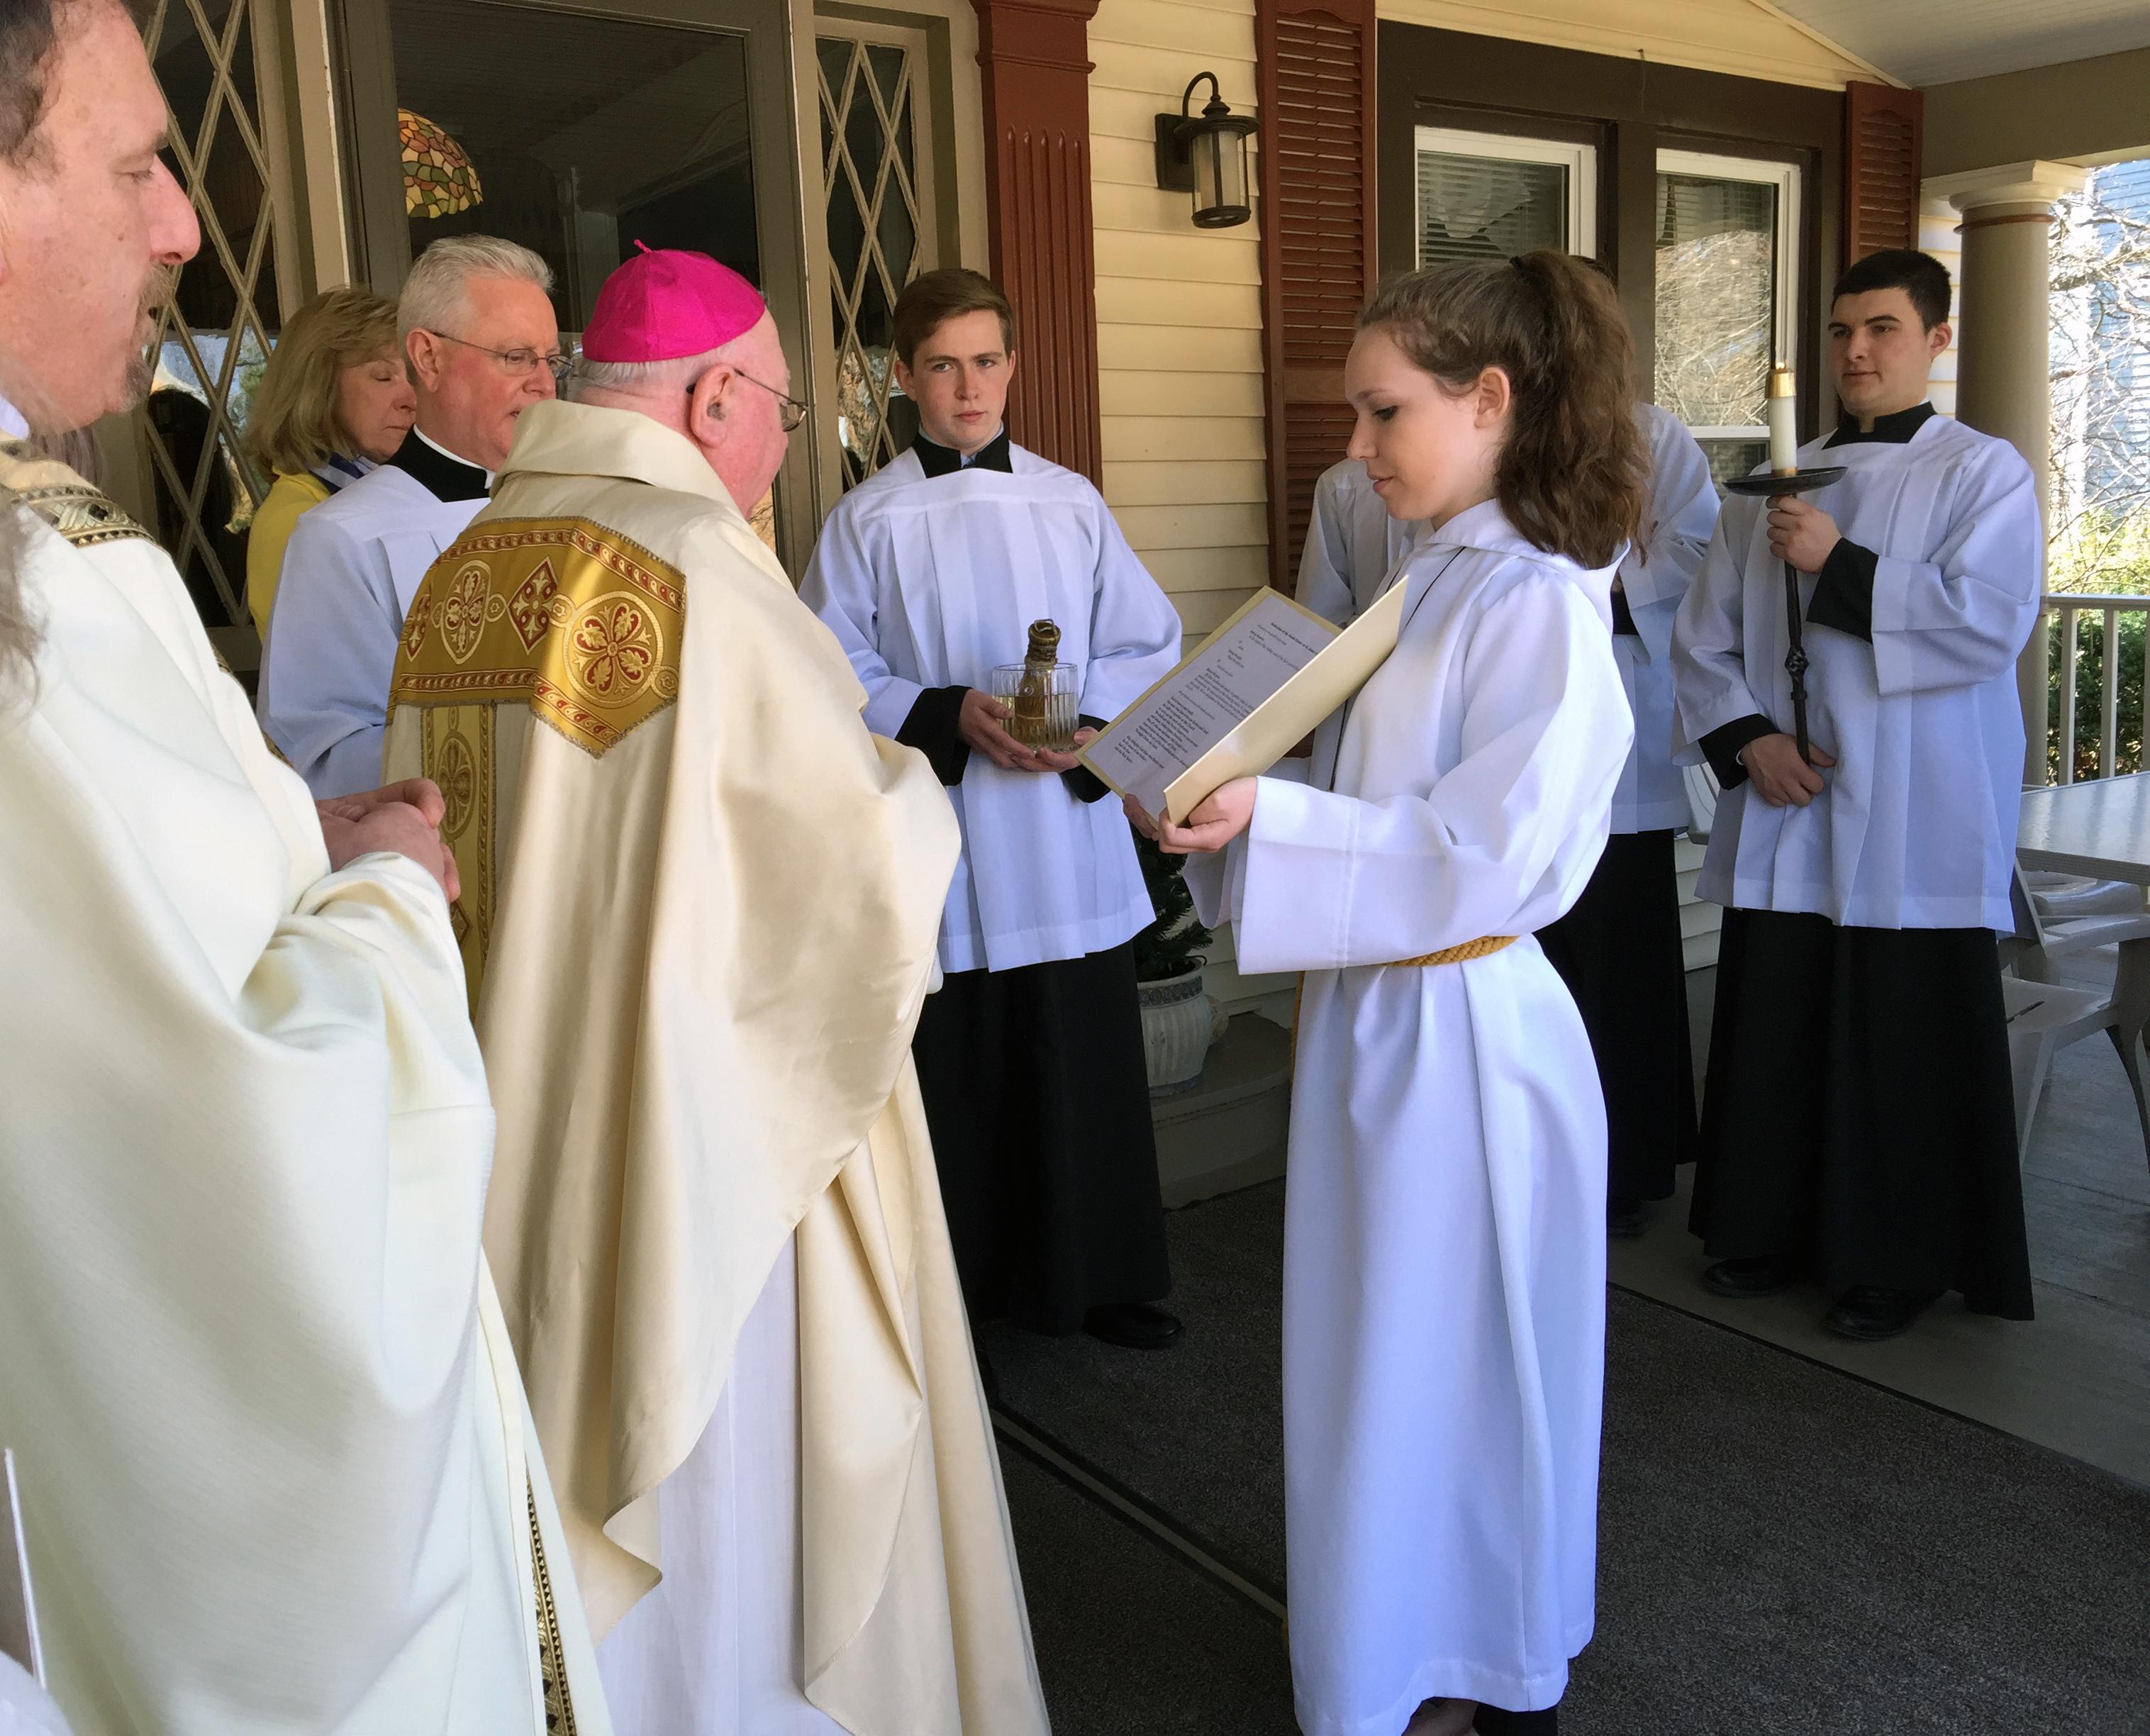 bishop-murphy-dedicating-parish-center-on-porch